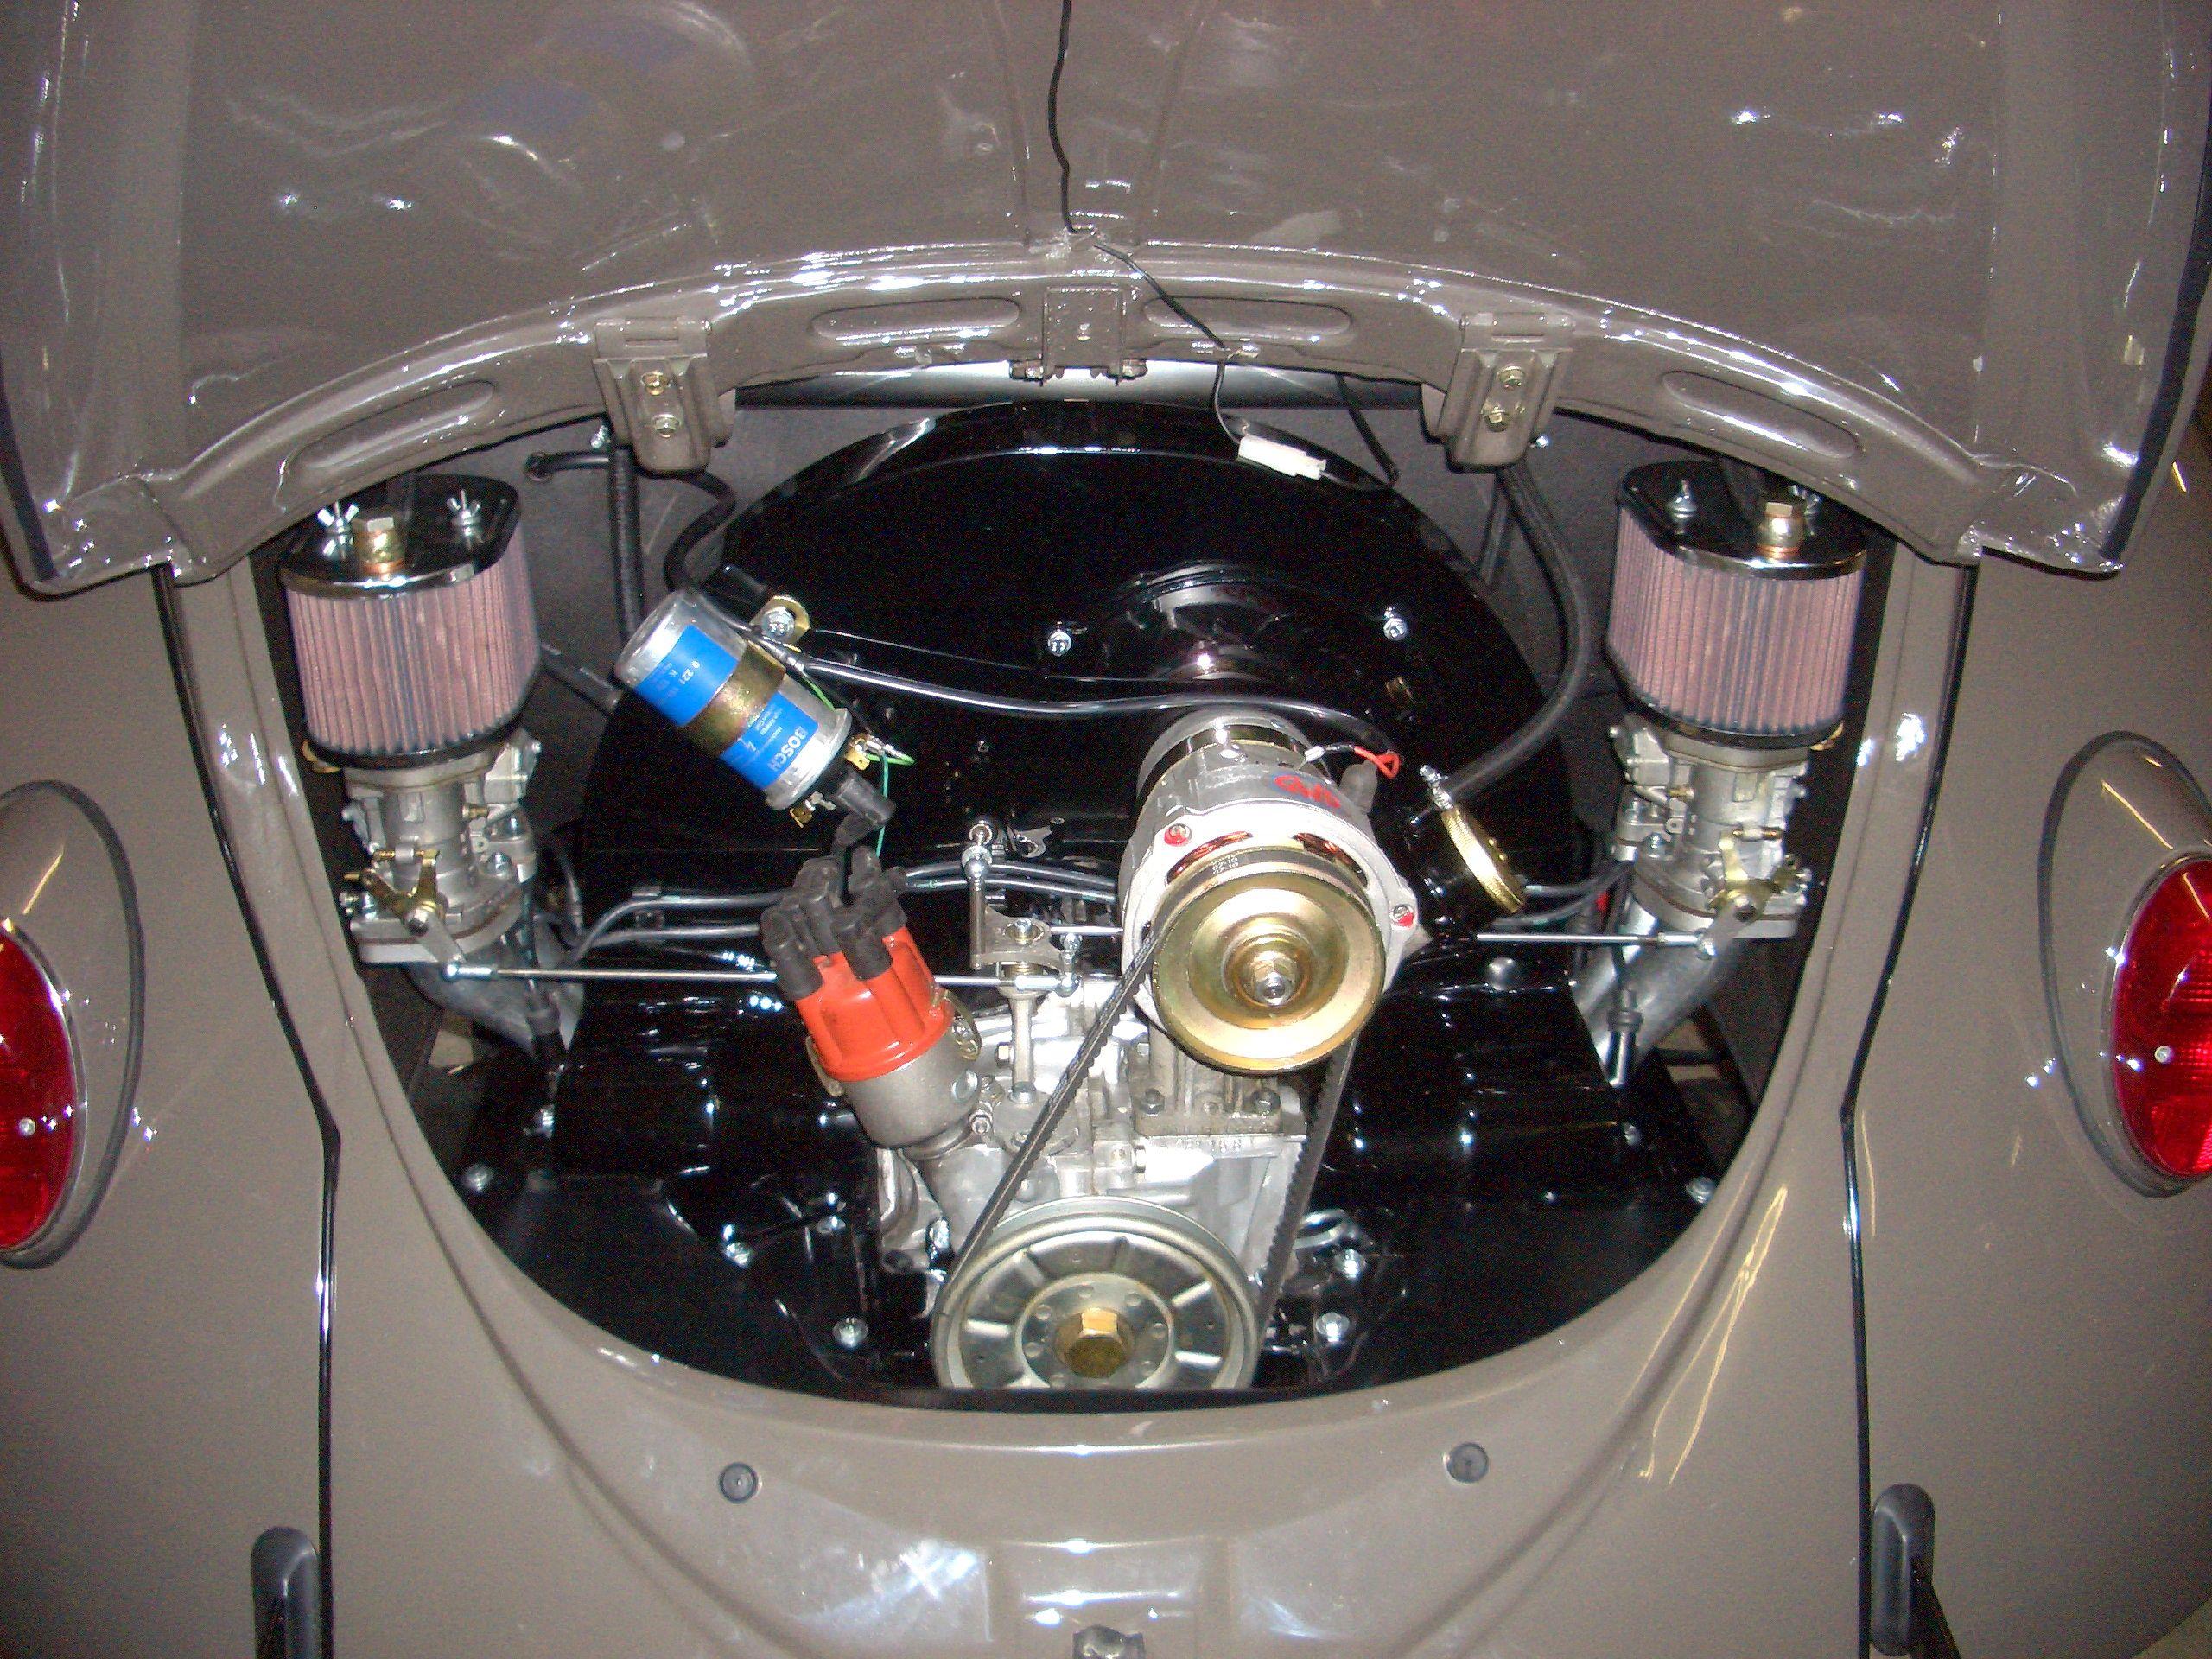 Motor Tuning Gwd Gerd Weiser Düsseldorf